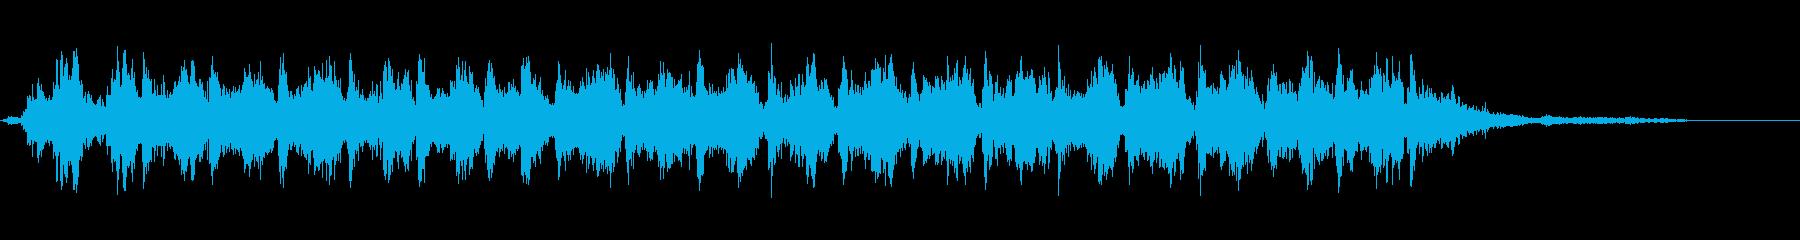 ラージ・スリー・ベルズ:速い揺れ、...の再生済みの波形